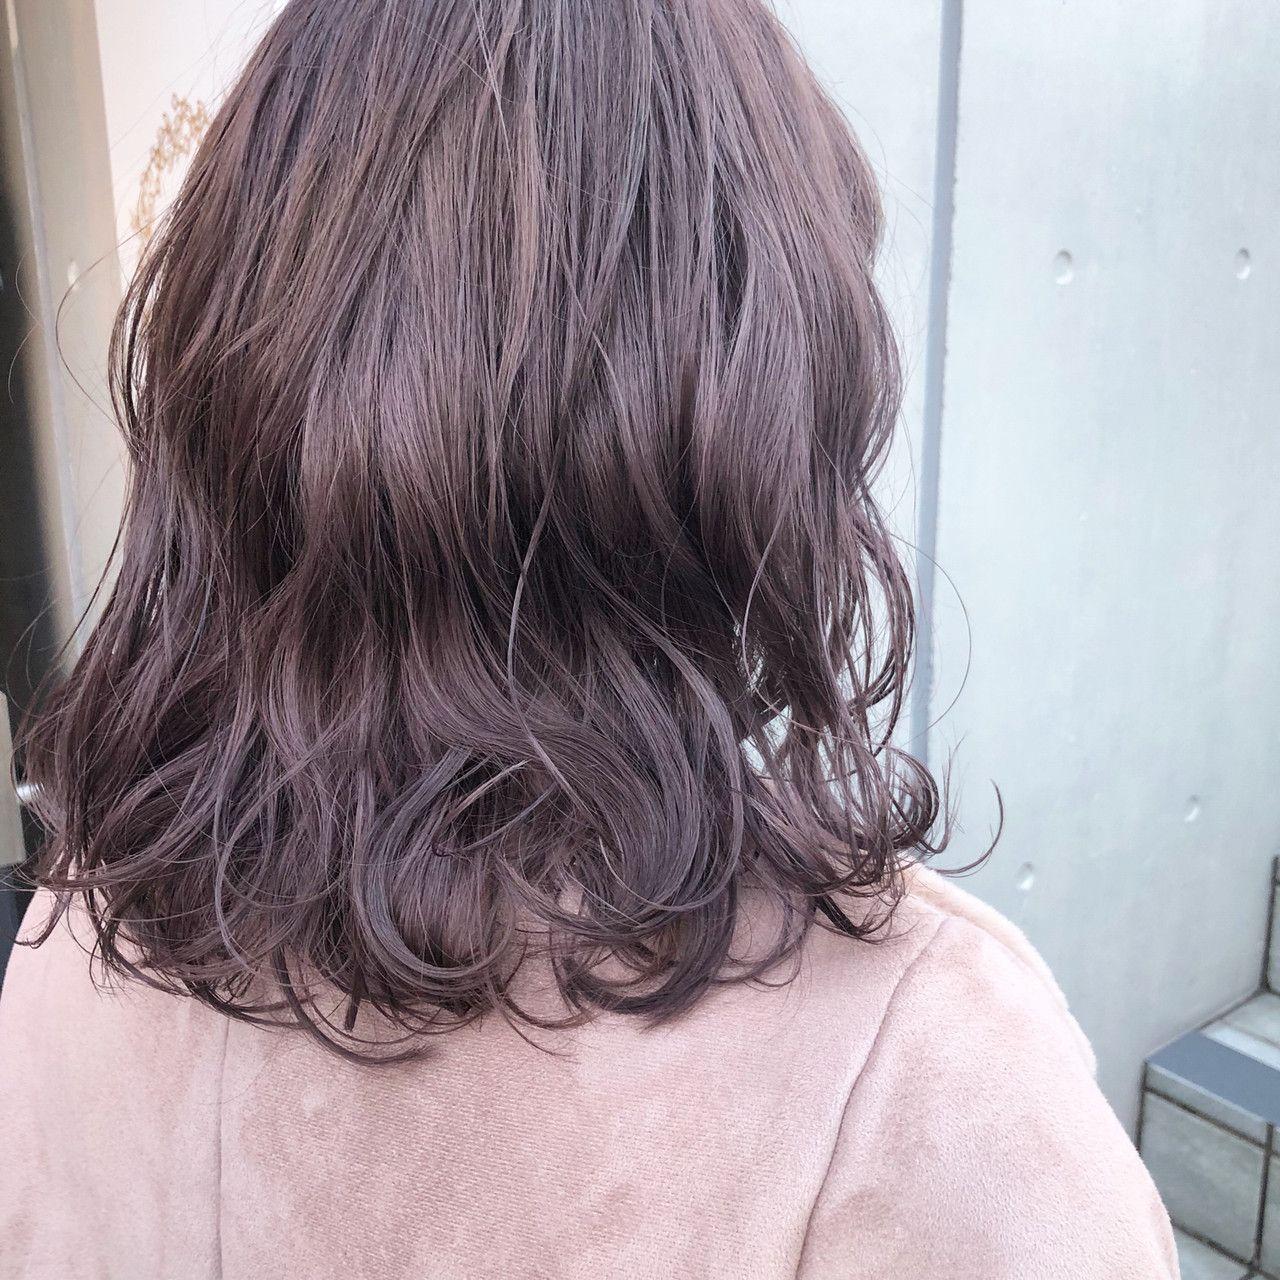 春のヘアカラーはピンクがかわいい モテ髪色レシピ集 Hair 髪